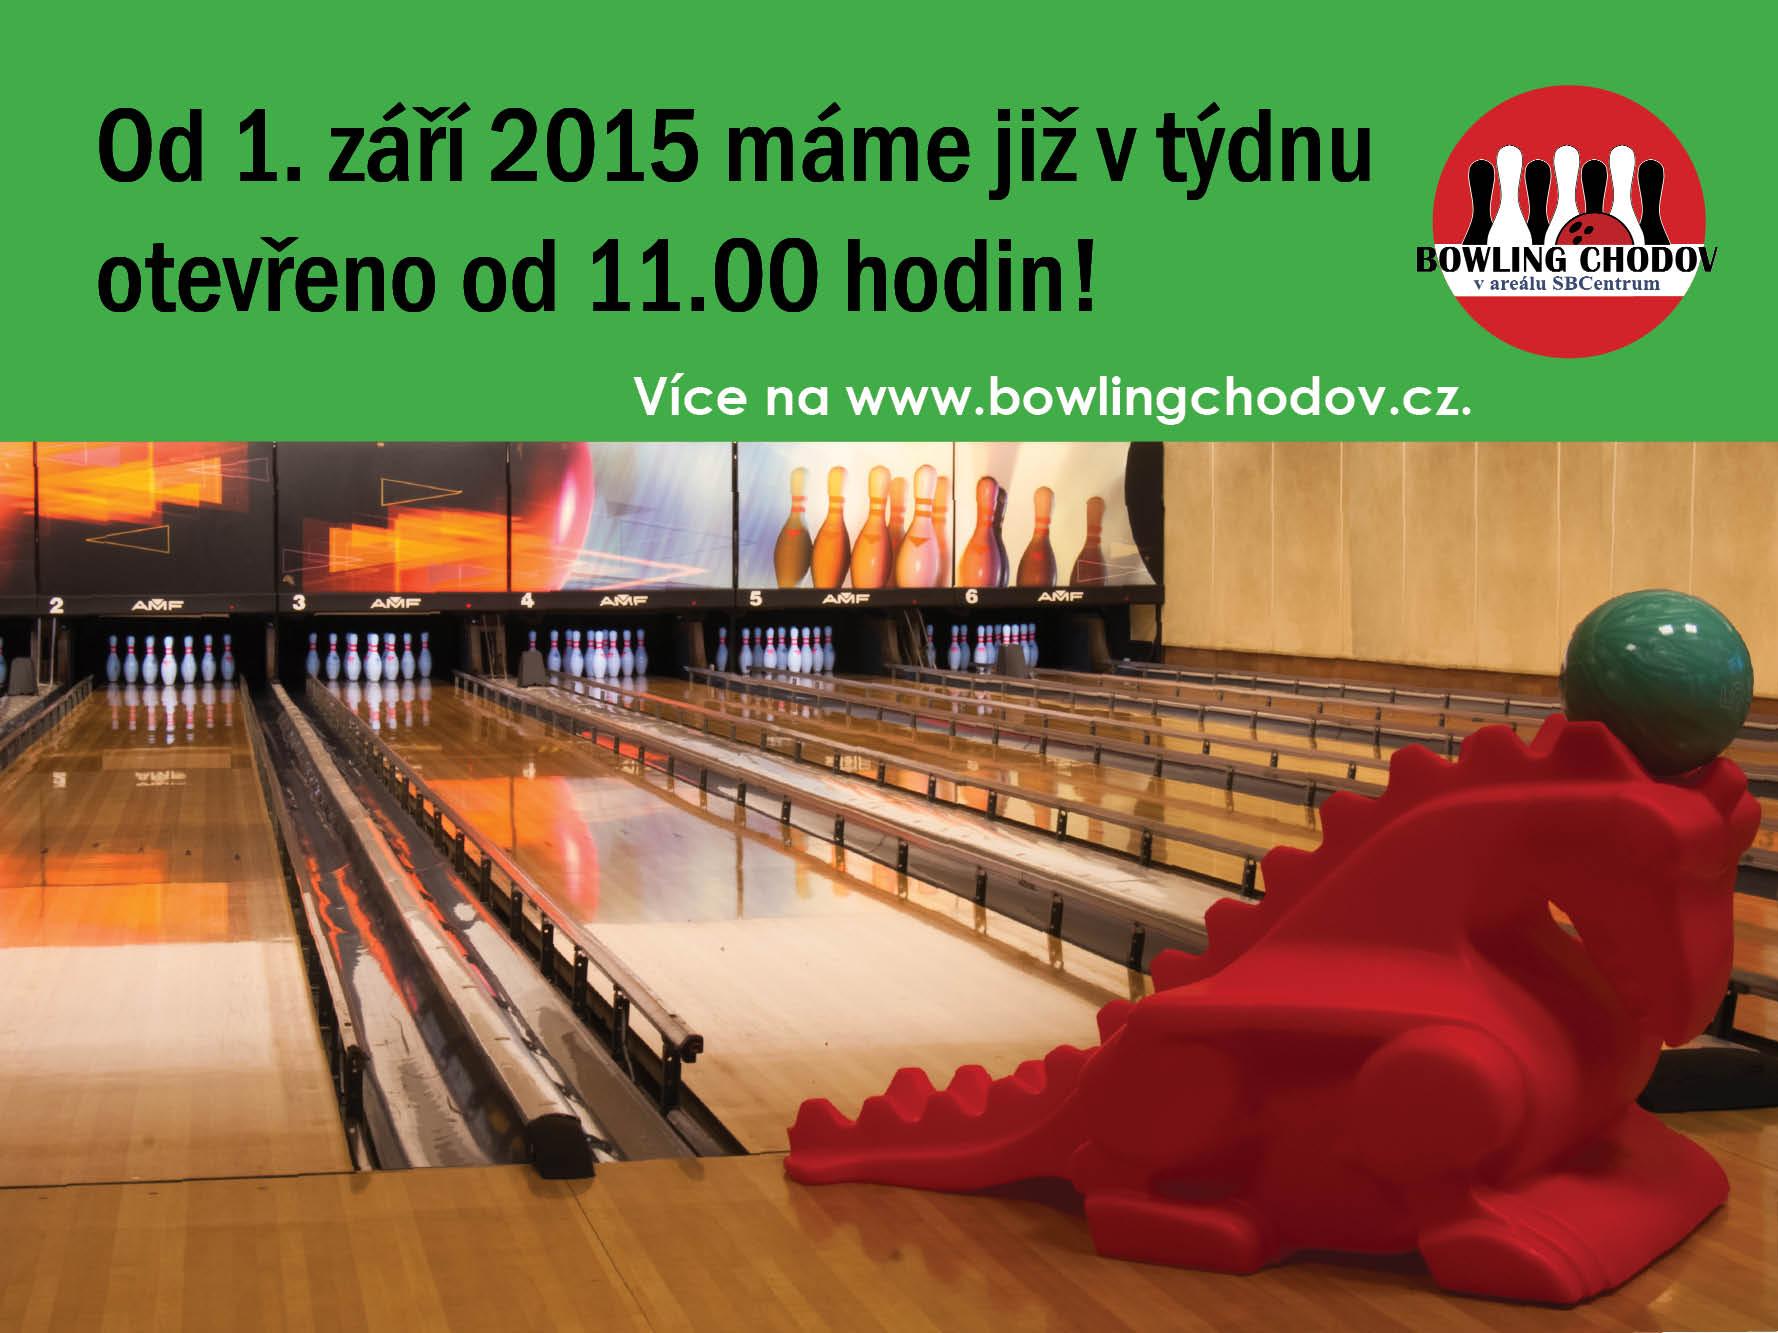 Od 1. 9. 2015 bude pro Vás restaurace a bowling otevřen již od 11.00.